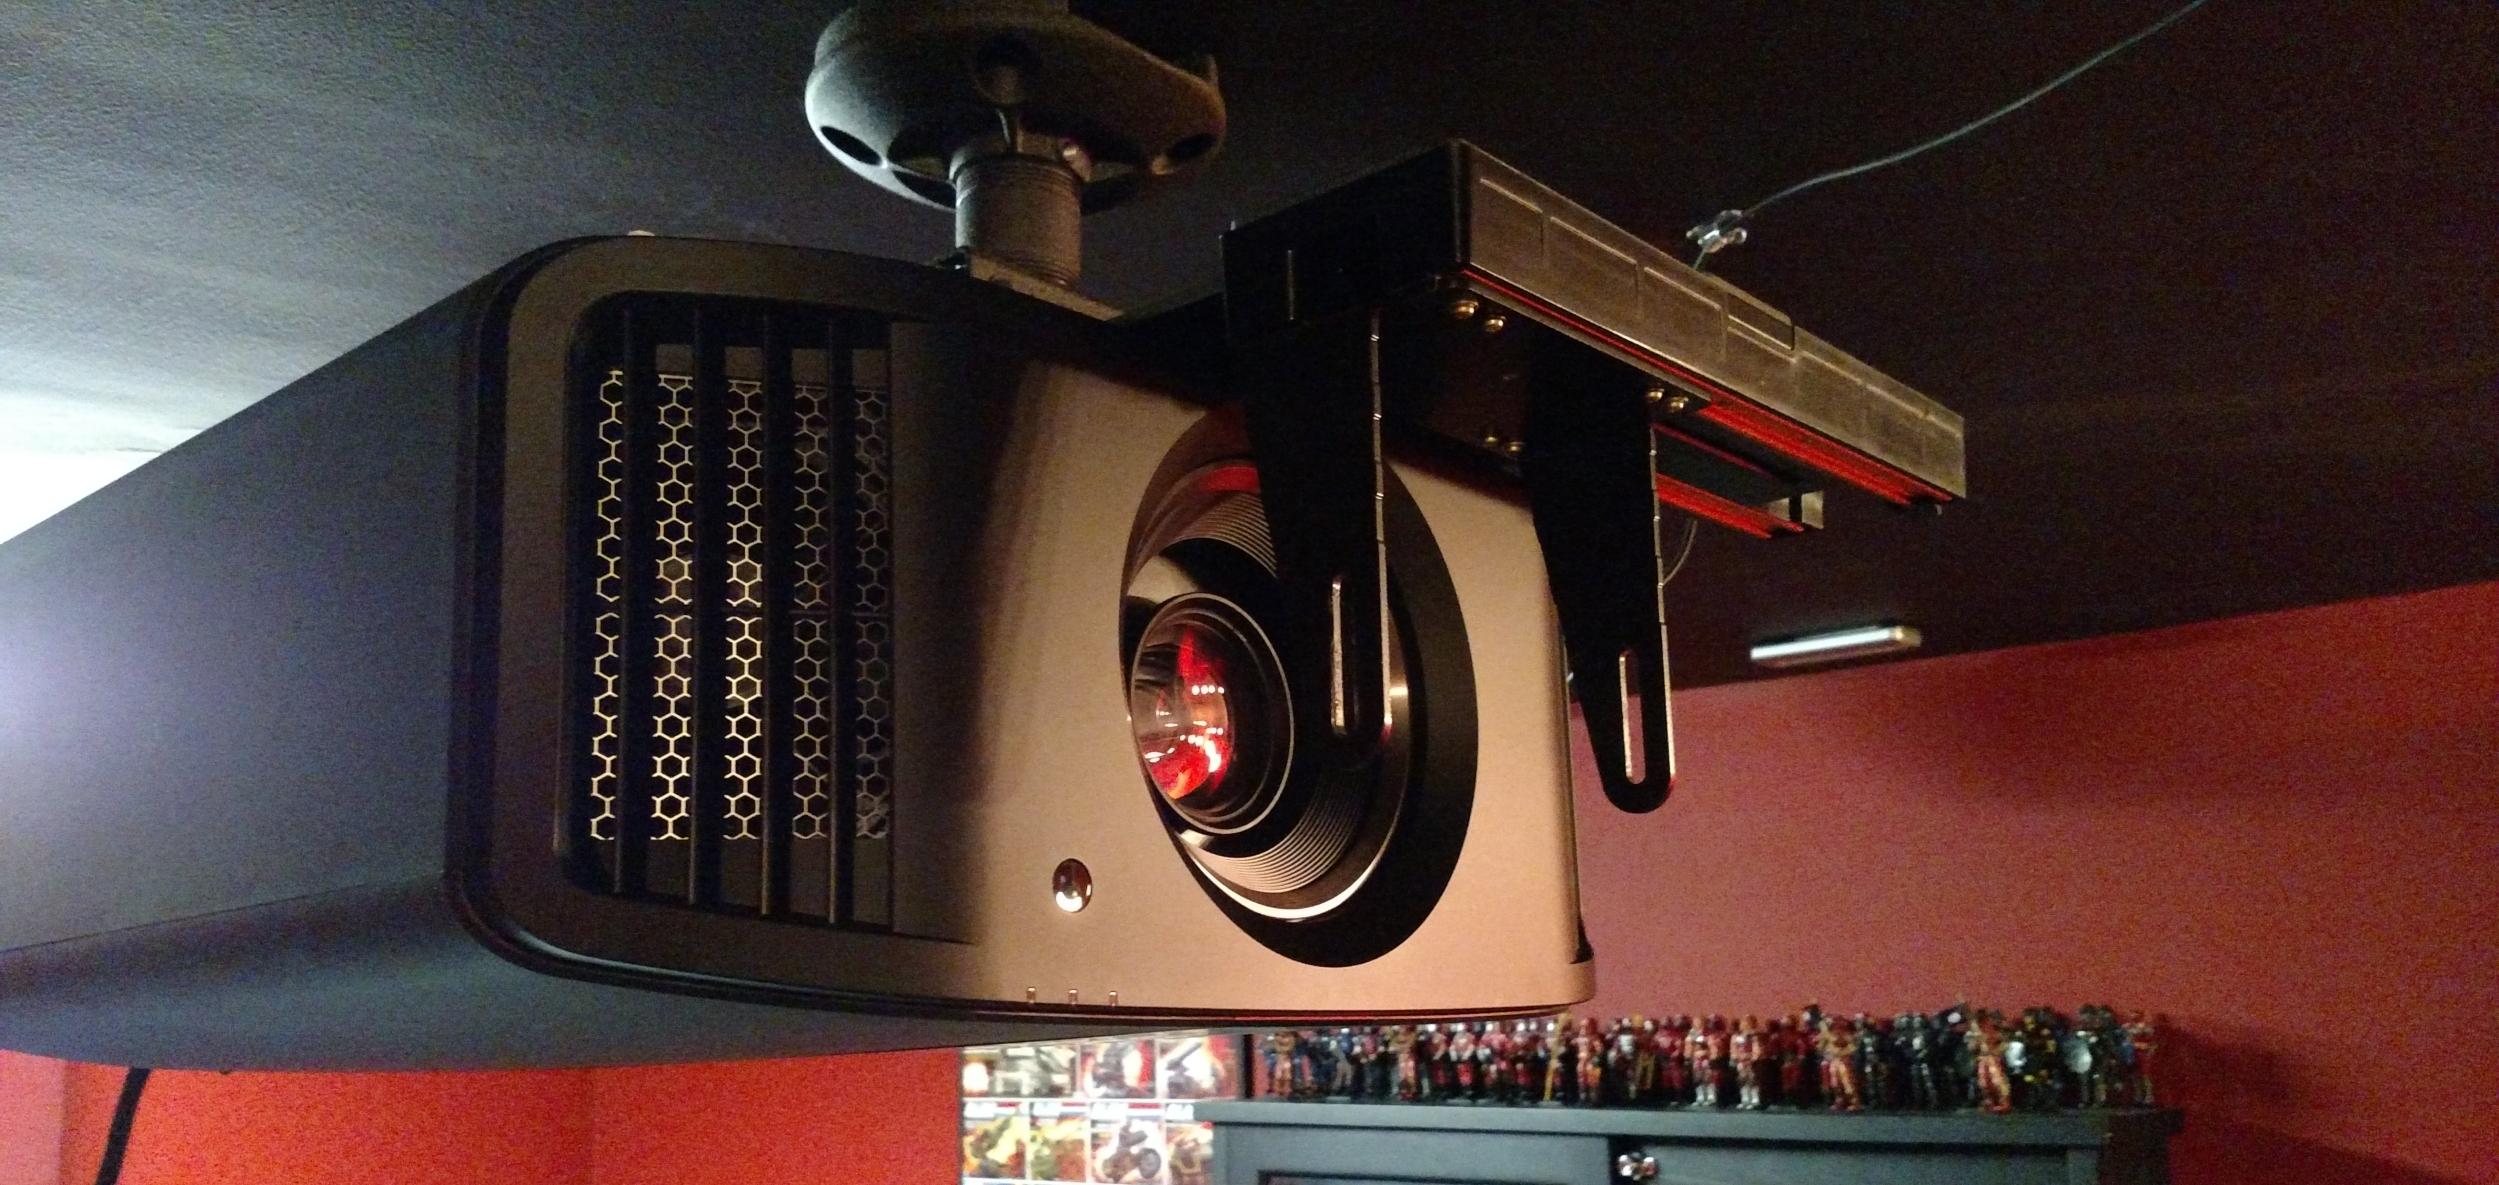 Projector Mount - No Lens